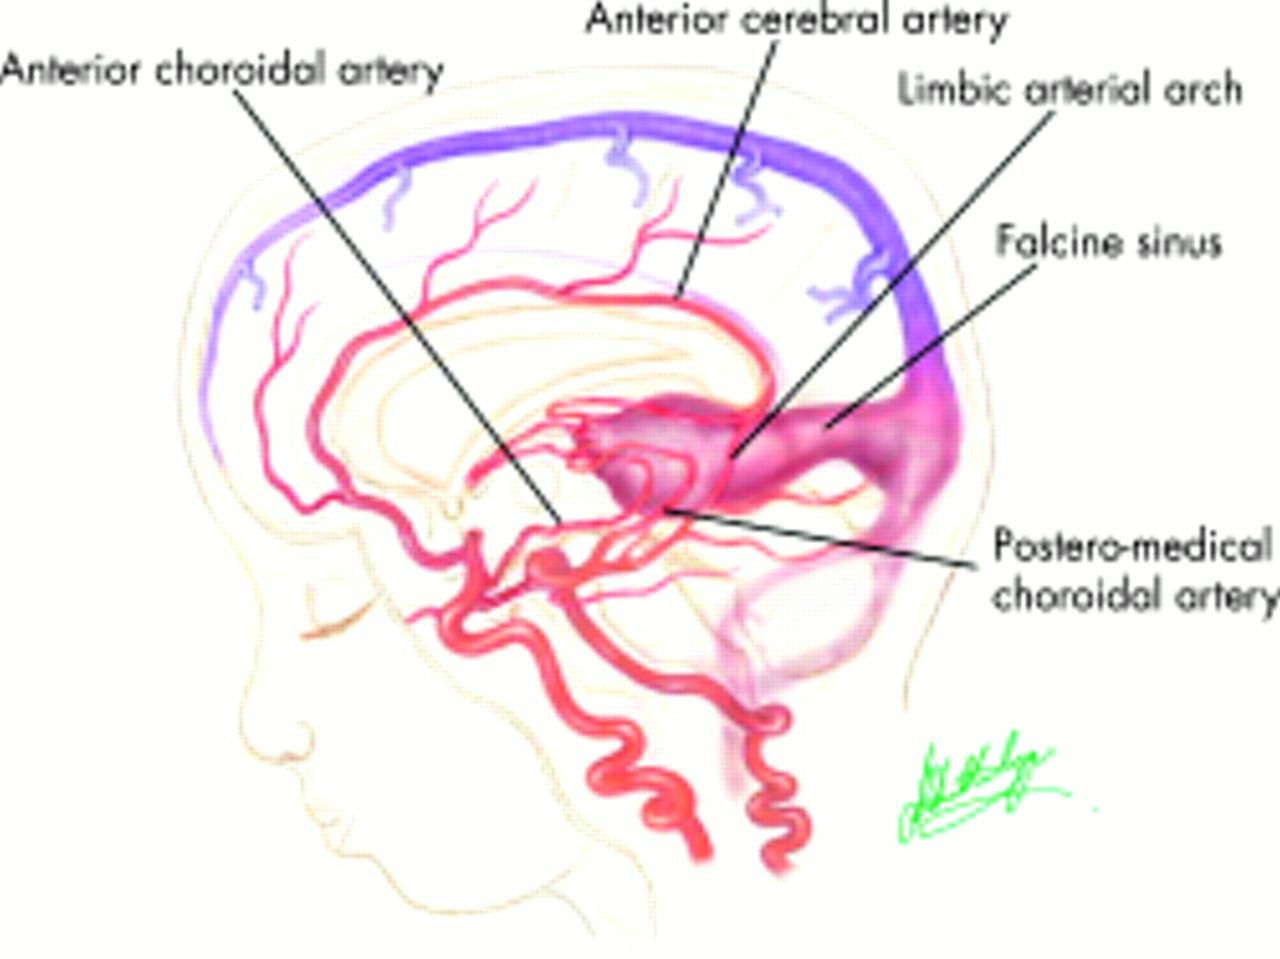 VEIN OF GALEN MALFORMATIONS | Journal of Neurology, Neurosurgery ...